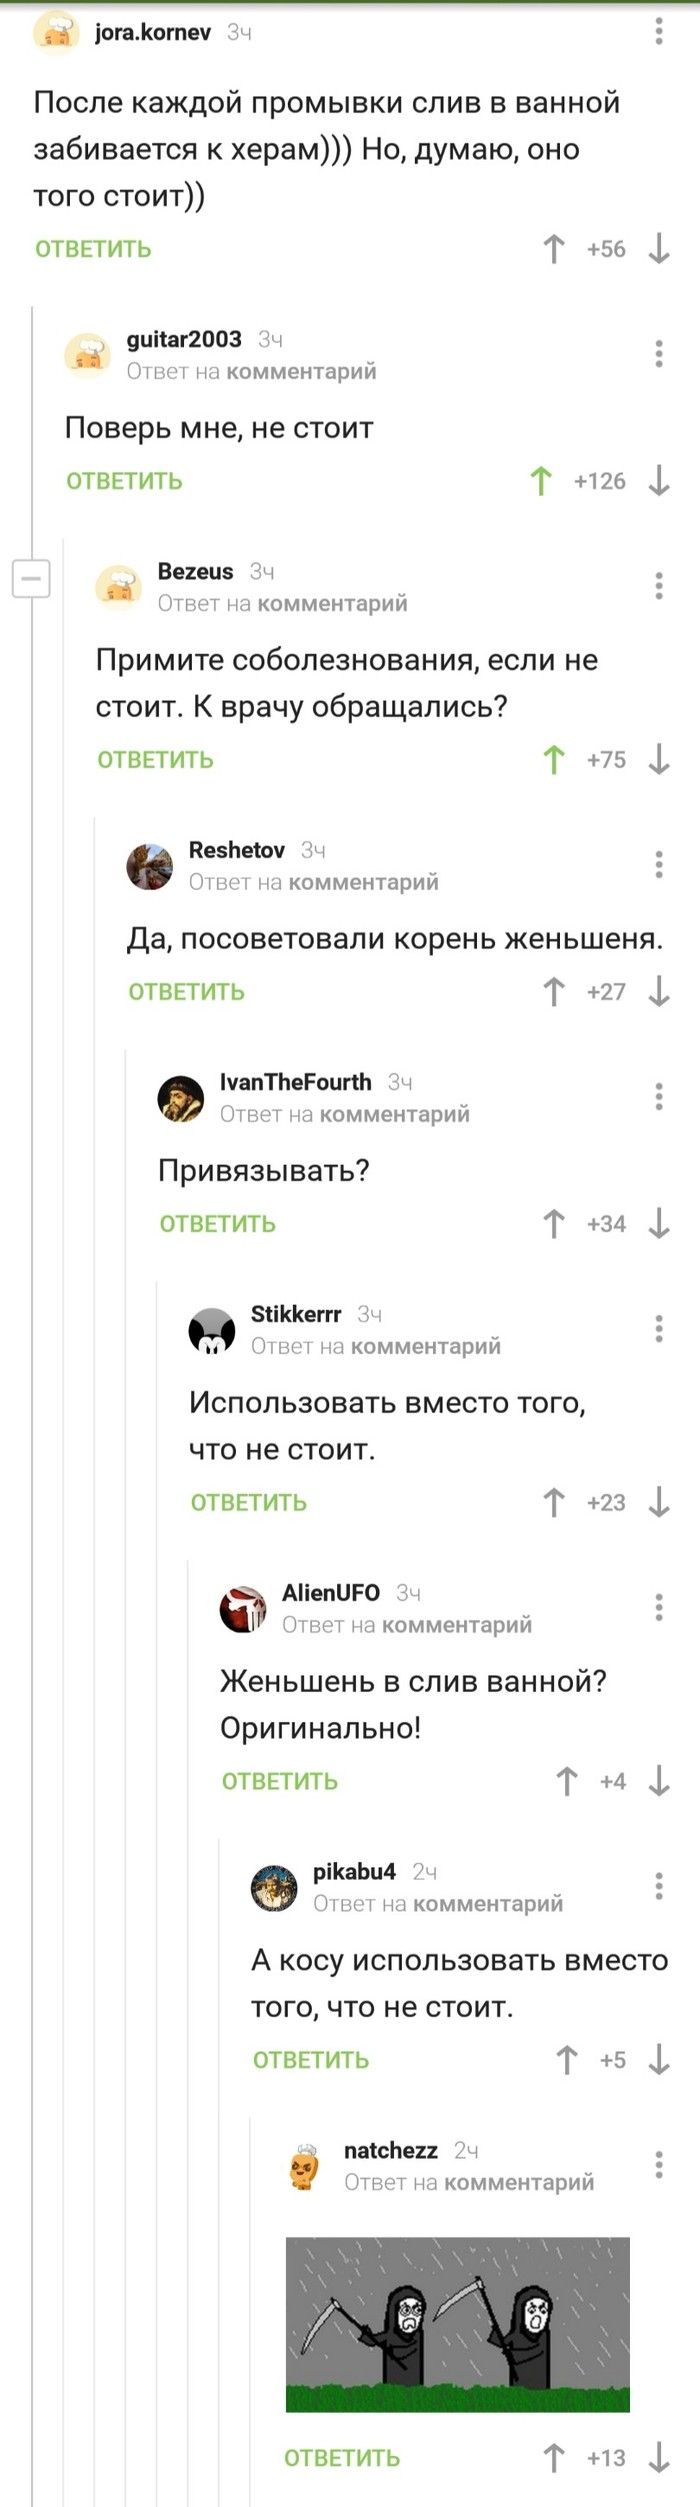 Корень Жень Шеня Скриншот, Жень Шень, Не стоит, Длиннопост